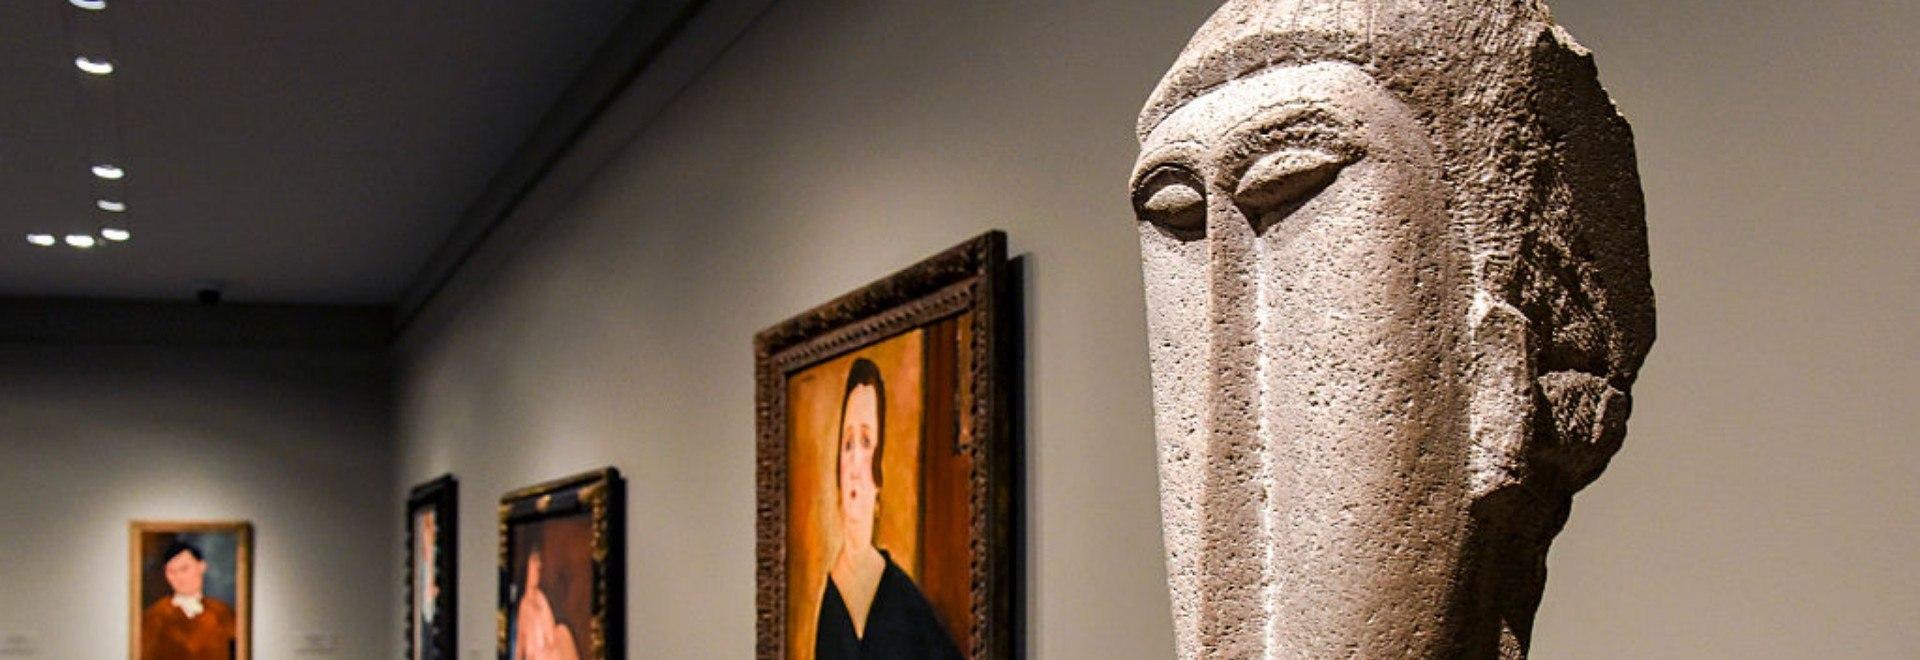 Arte in tv dal 13 al 19 settembre: Modigliani, Dante, Manet, Renoir, il Vaticano